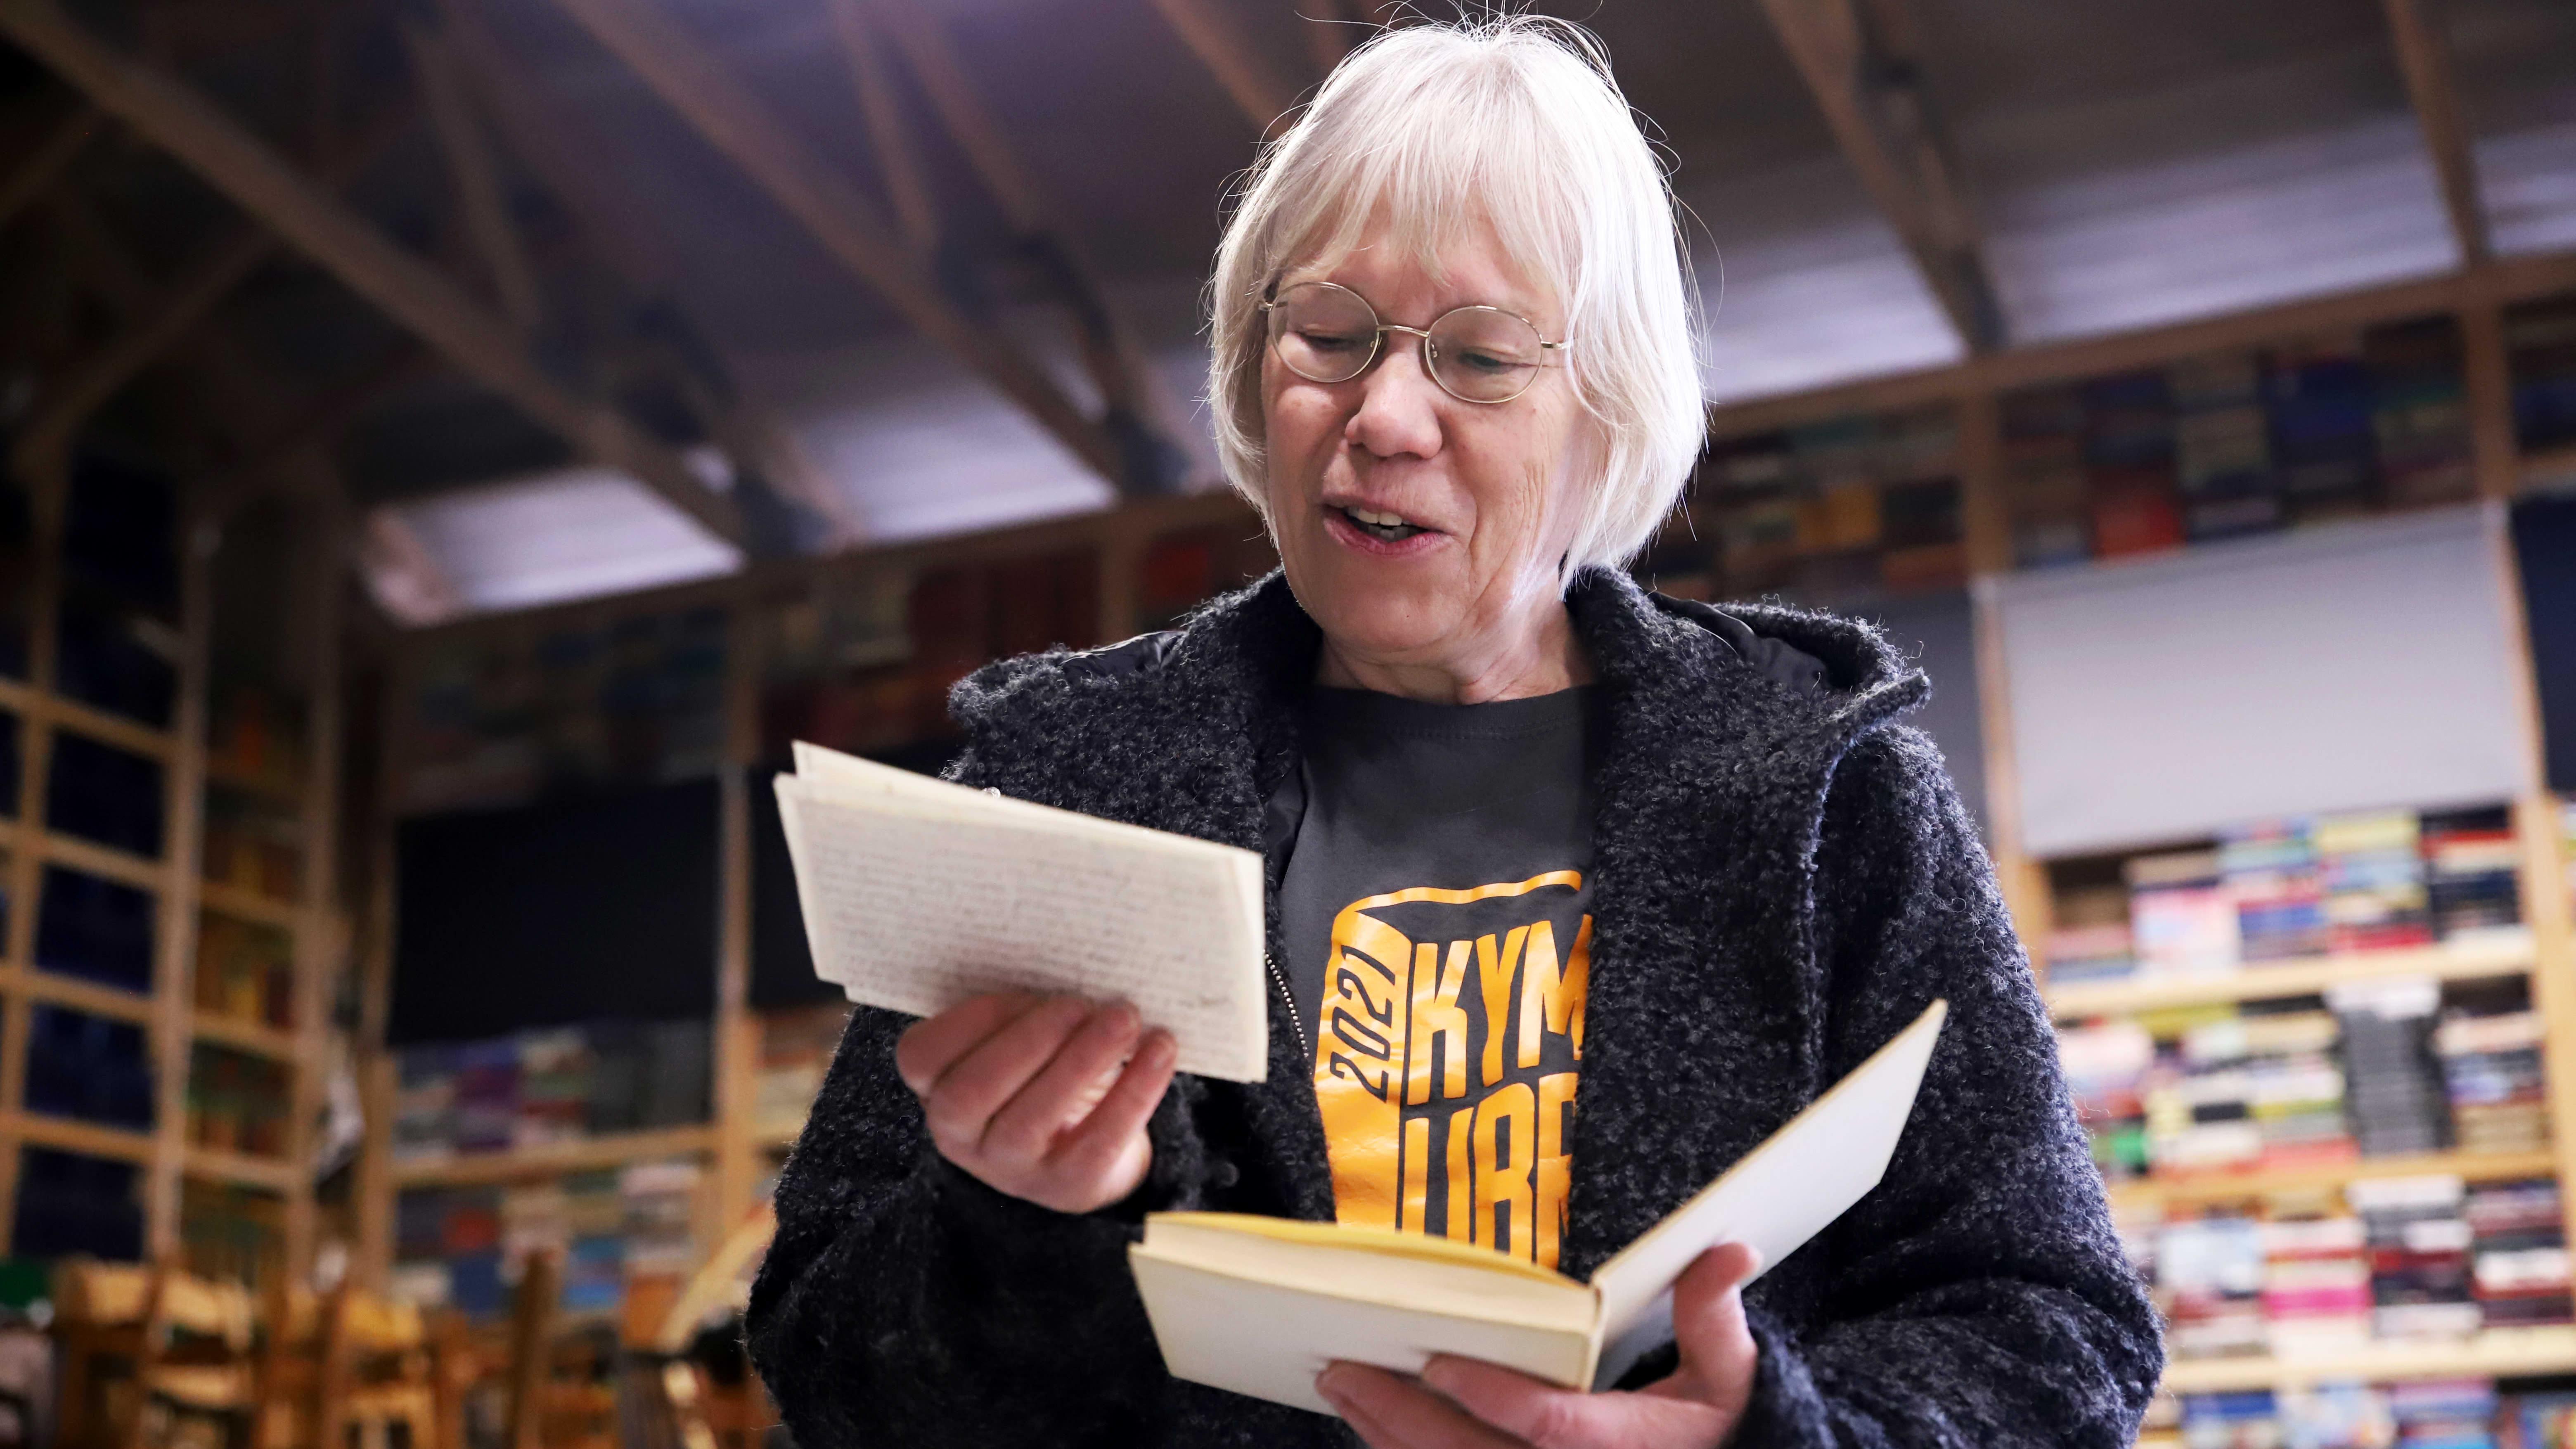 Tarja Tornaeus katselee käsissään olevan kirjan välistä löytynyttä kirjettä